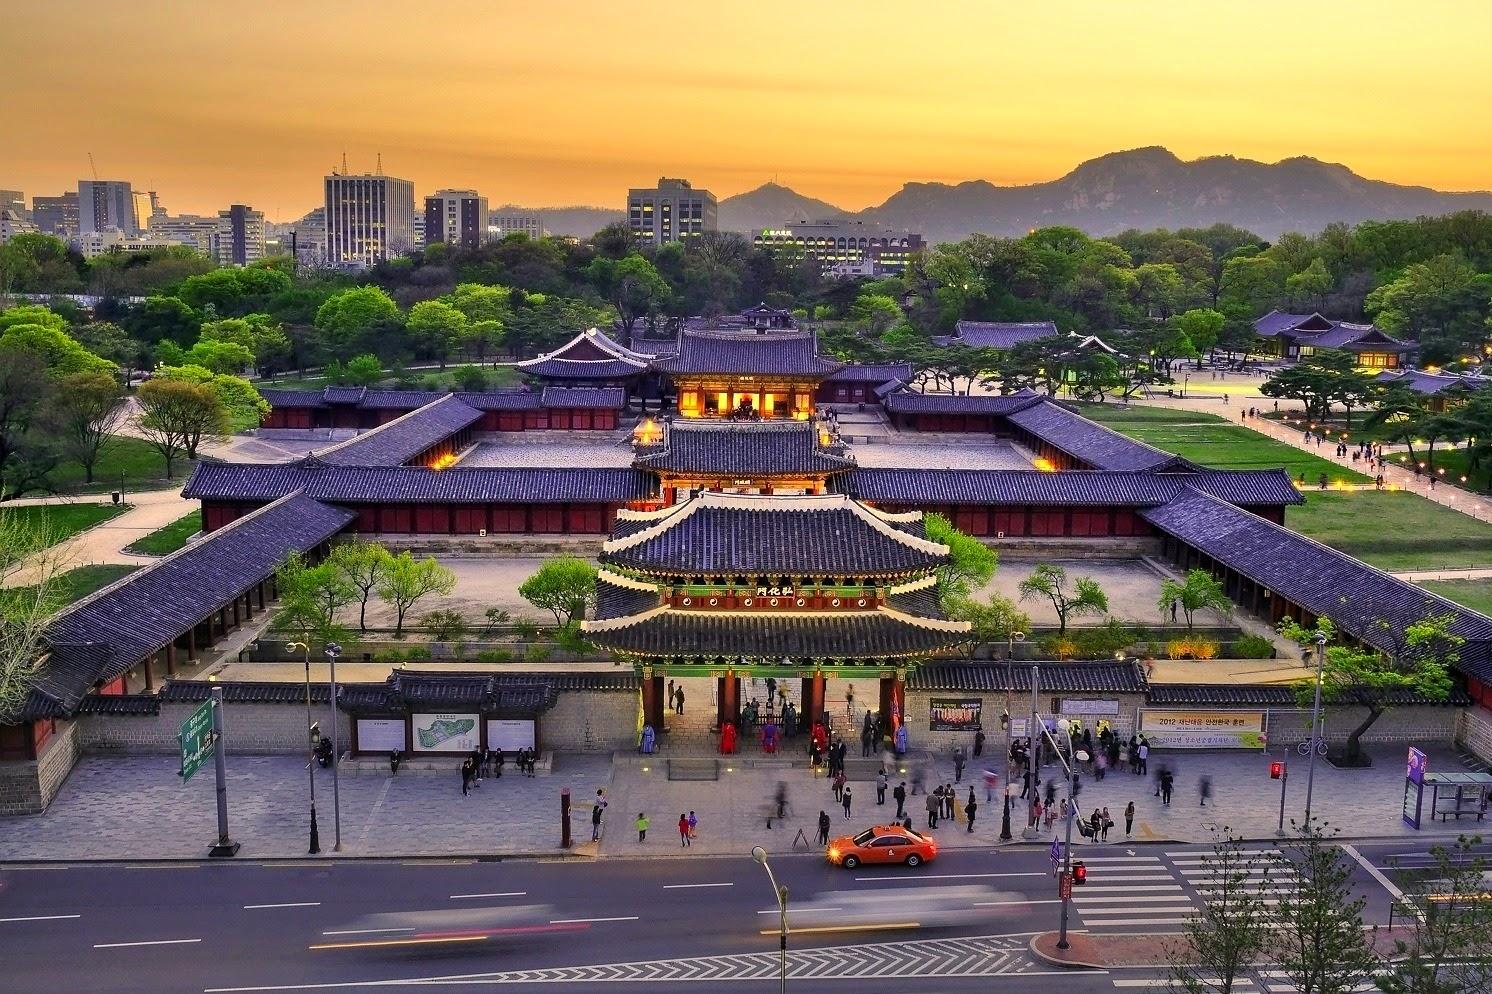 Du Lịch Hàn Quốc Gía Rẻ Cùng Quality Travel